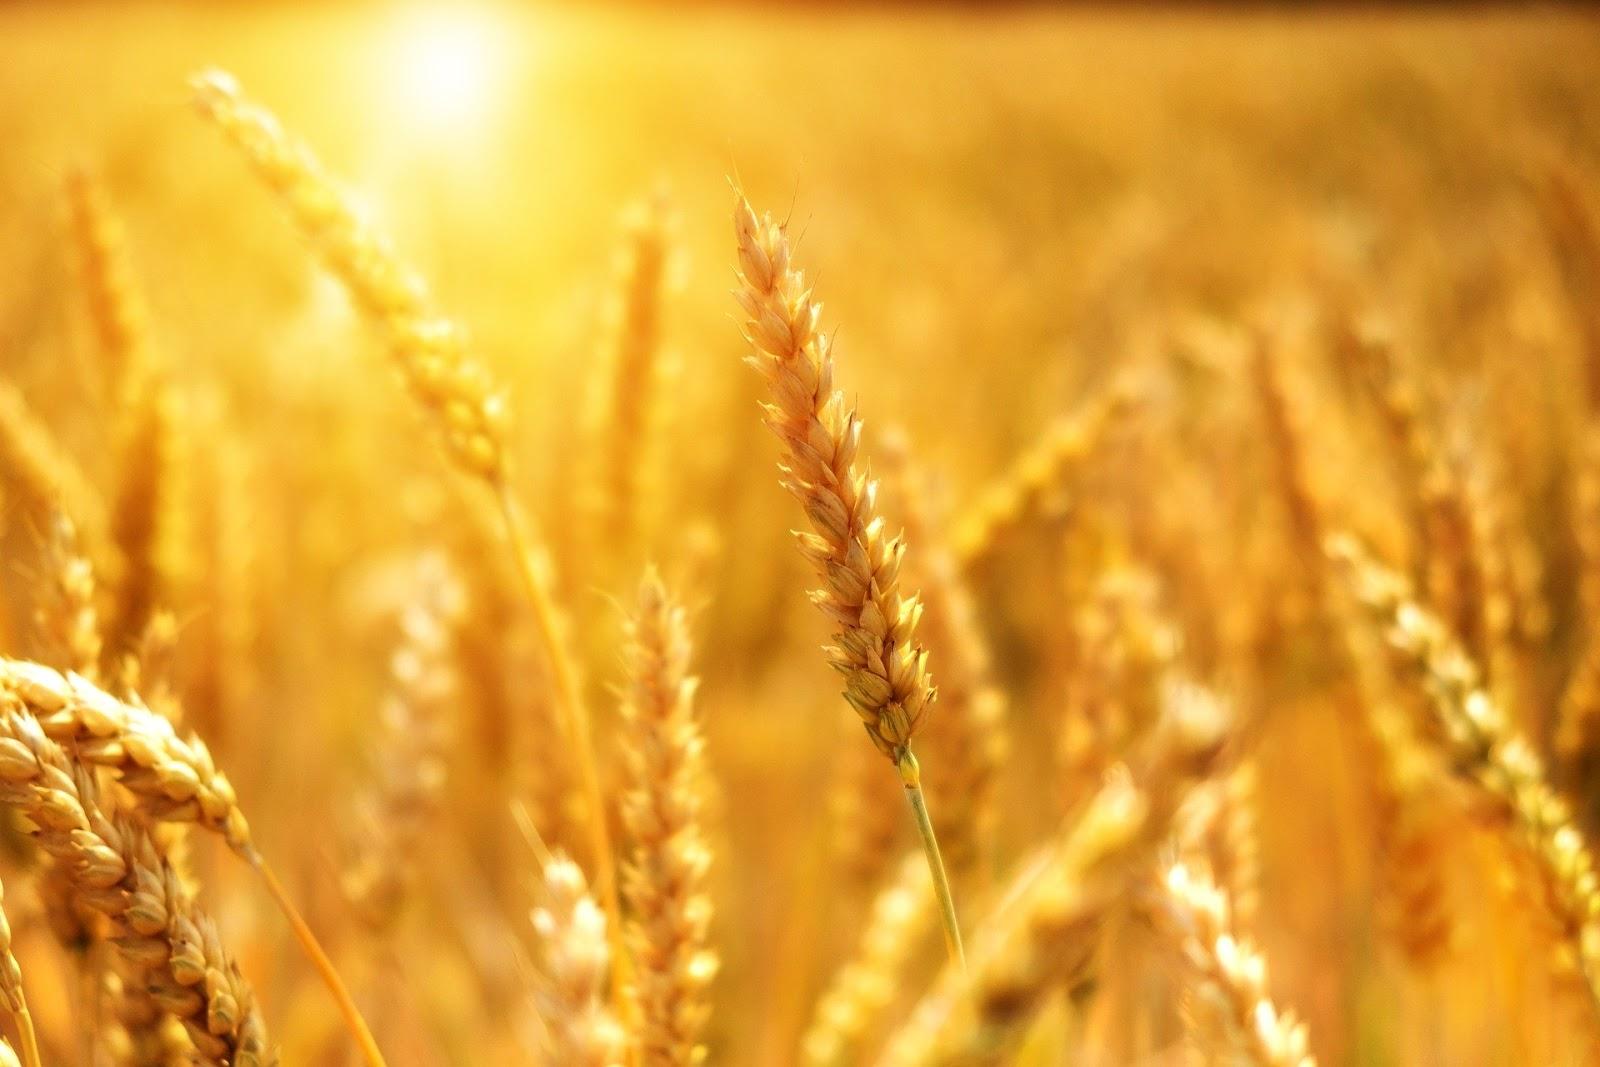 Preço mundial de cereais teve queda nos primeiros meses de 2020 (Fonte: Pixabay)